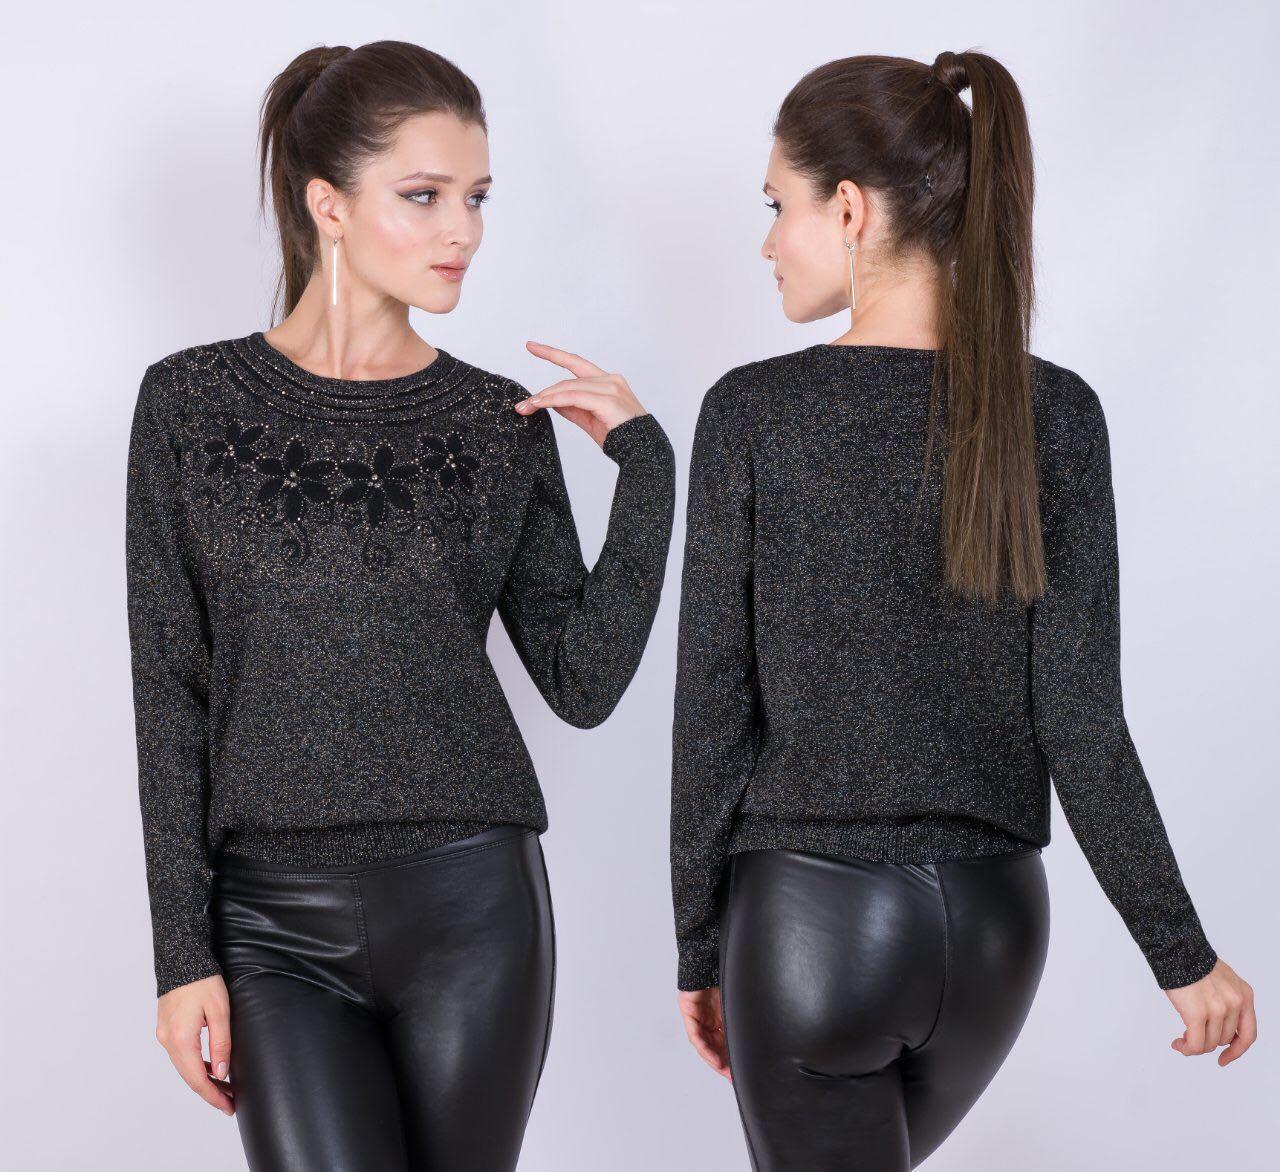 Женский тонкий свитерок 48-52 (в расцветках)